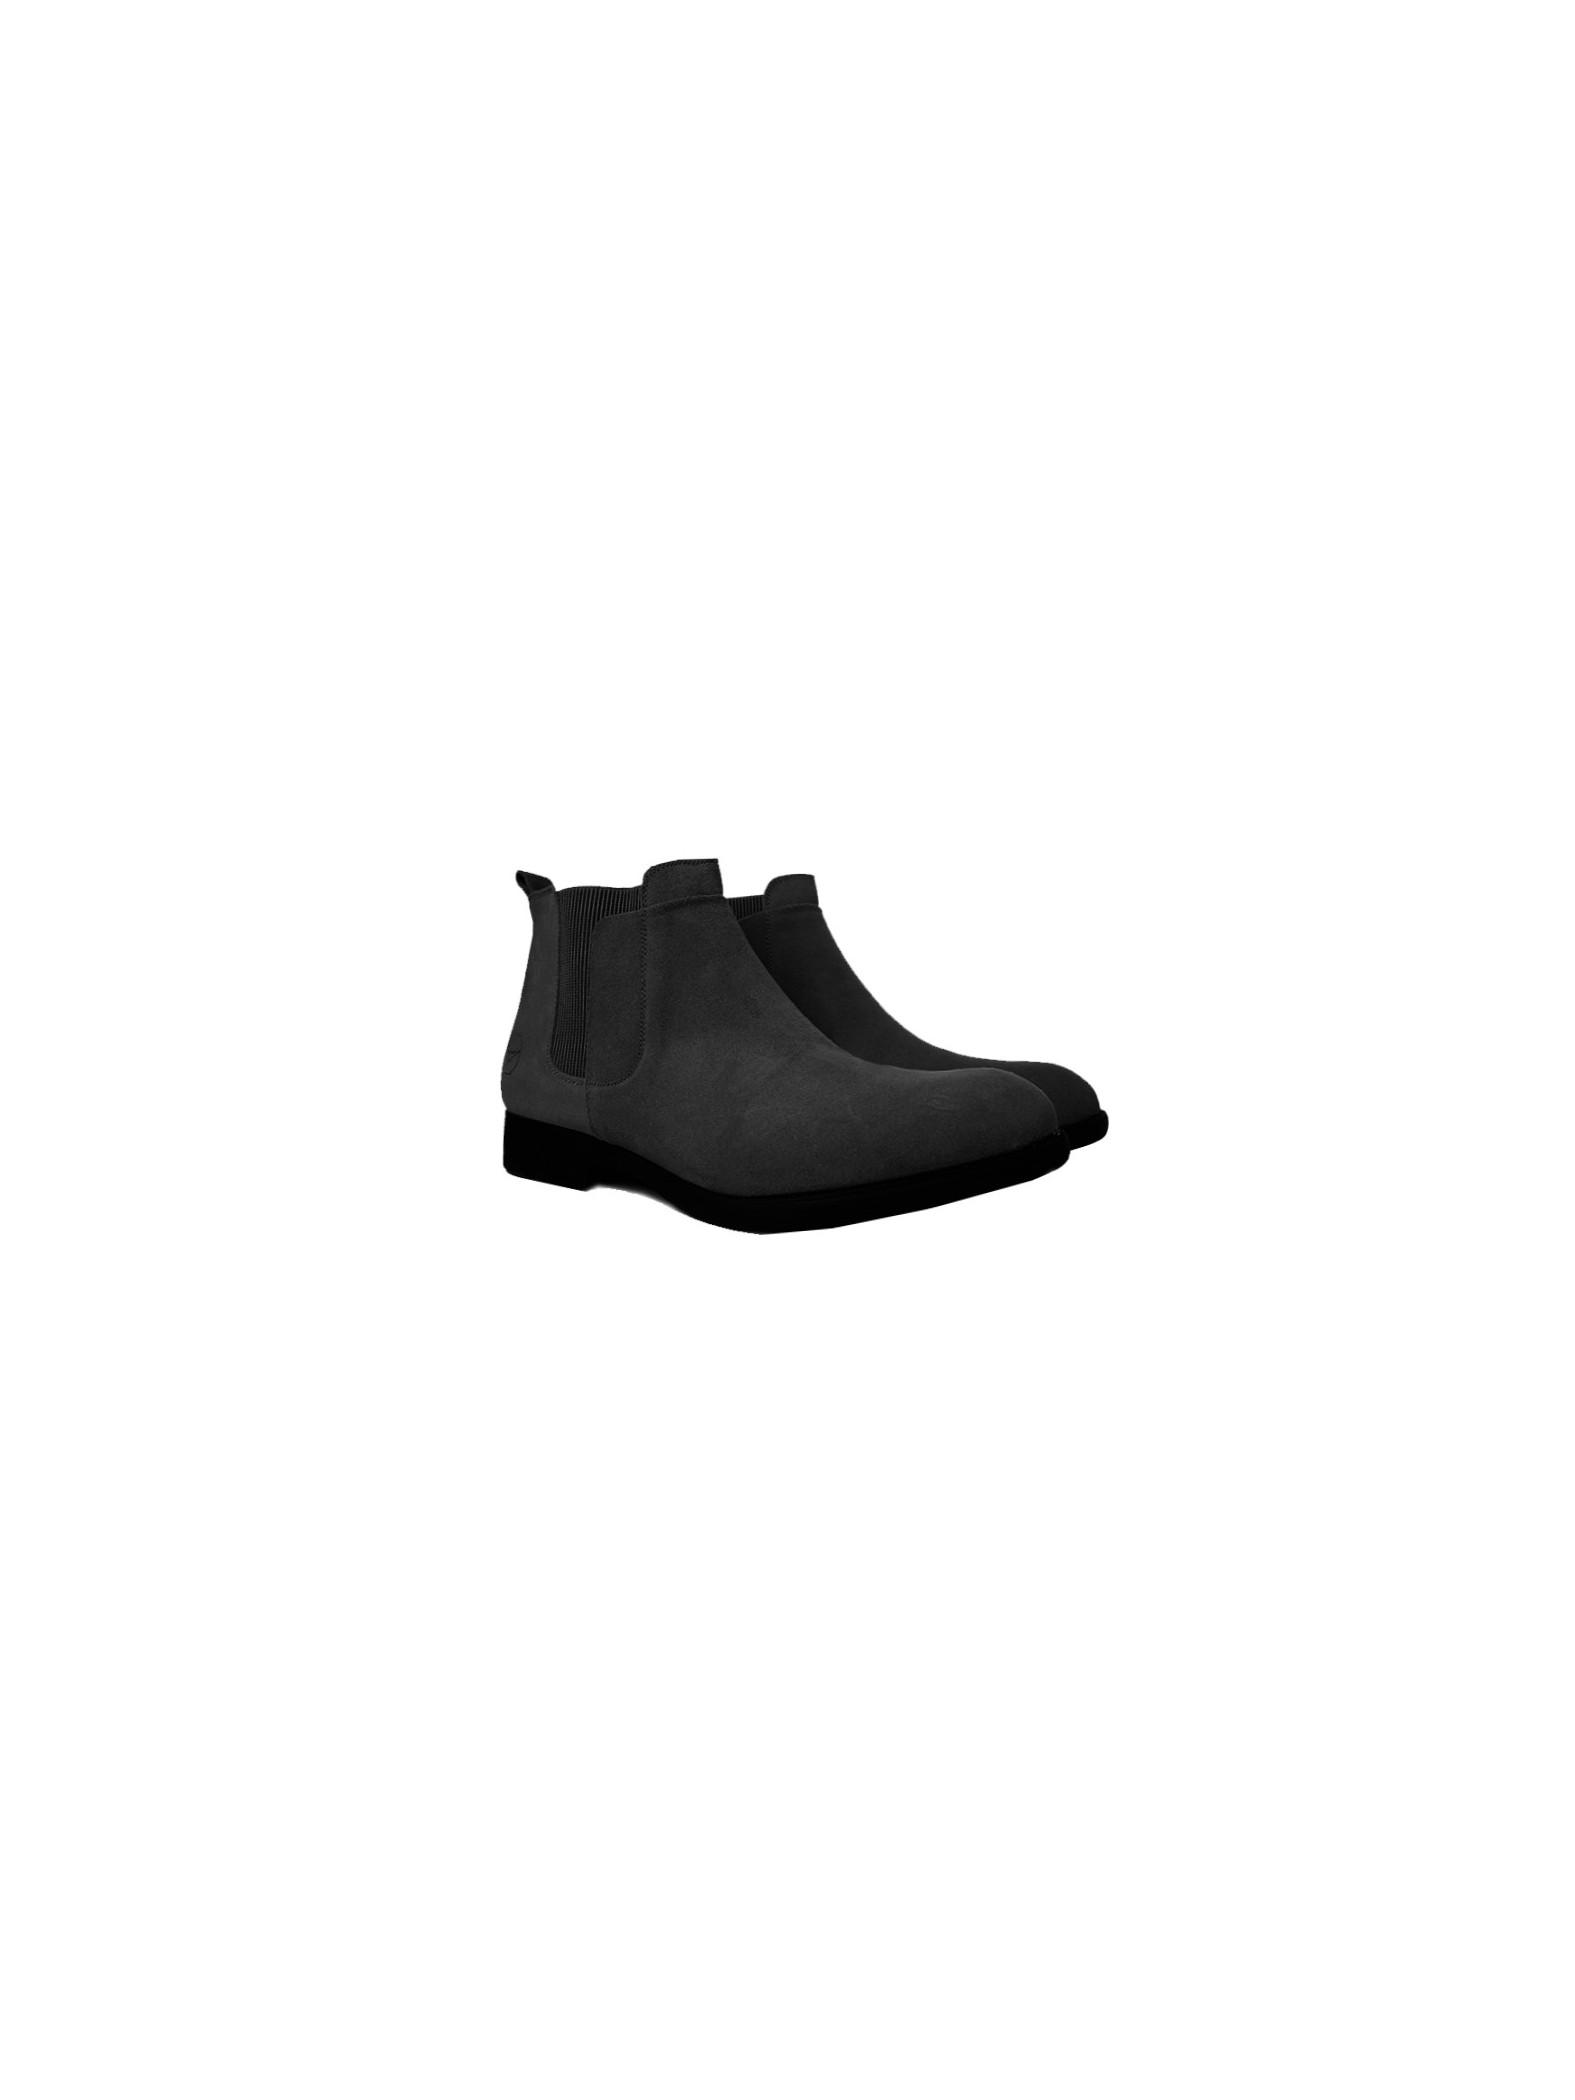 Chelsea boots KH817  ProjectX Paris